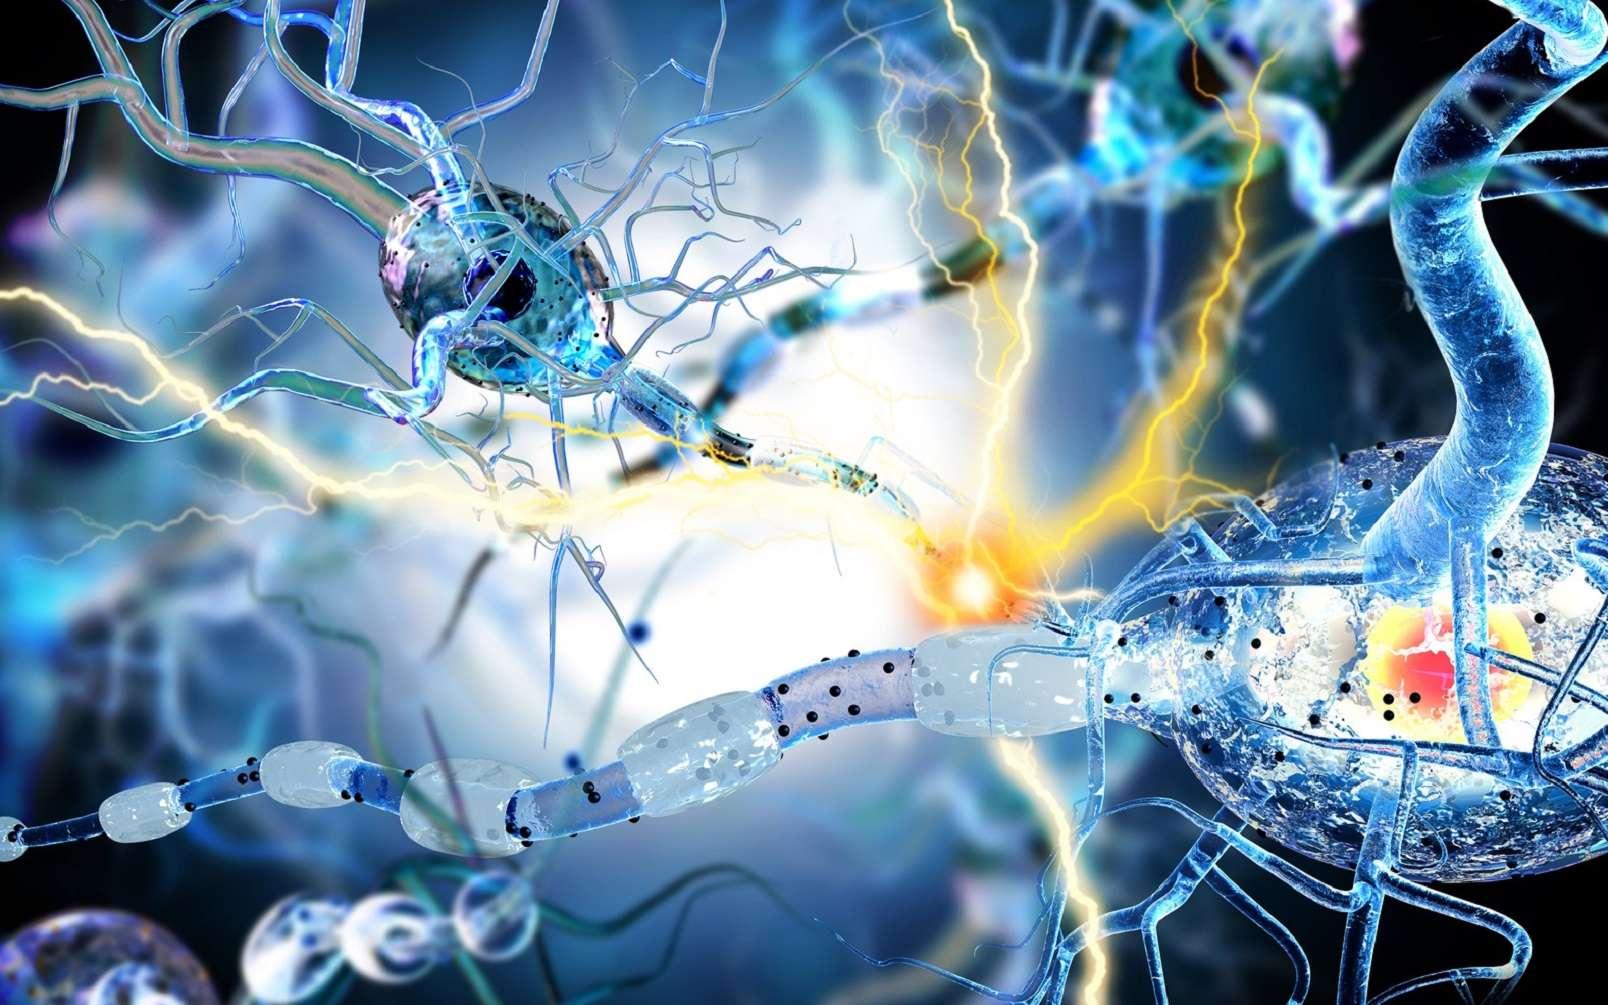 La SEP est une maladie où le système immunitaire s'attaque à la gaine de myéline des neurones ce qui gêne la transmission des messages nerveux. © ralwel, Fotolia